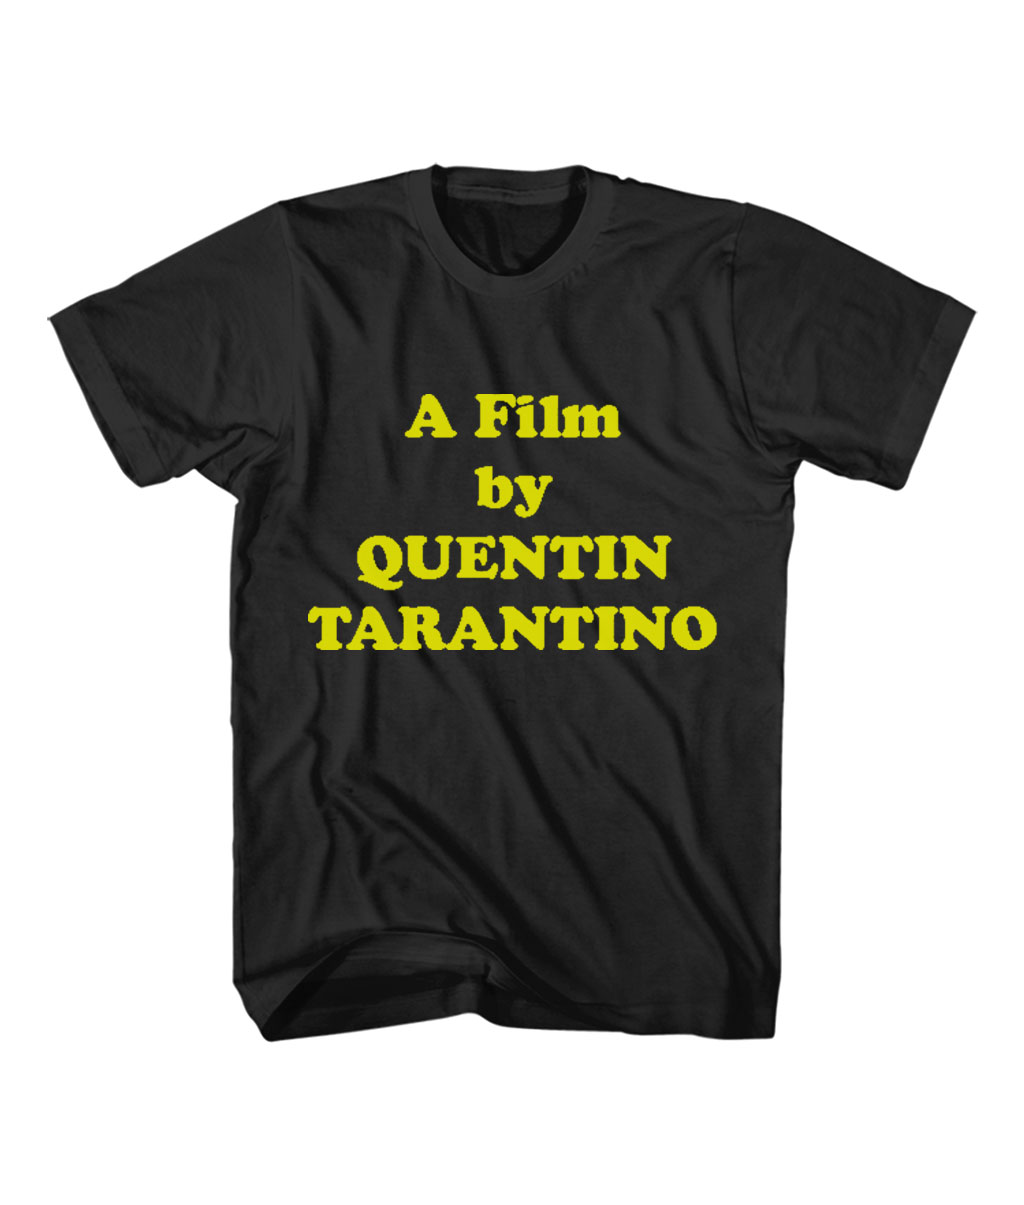 A Film by Quentin Tarantino Cheap T Shirt